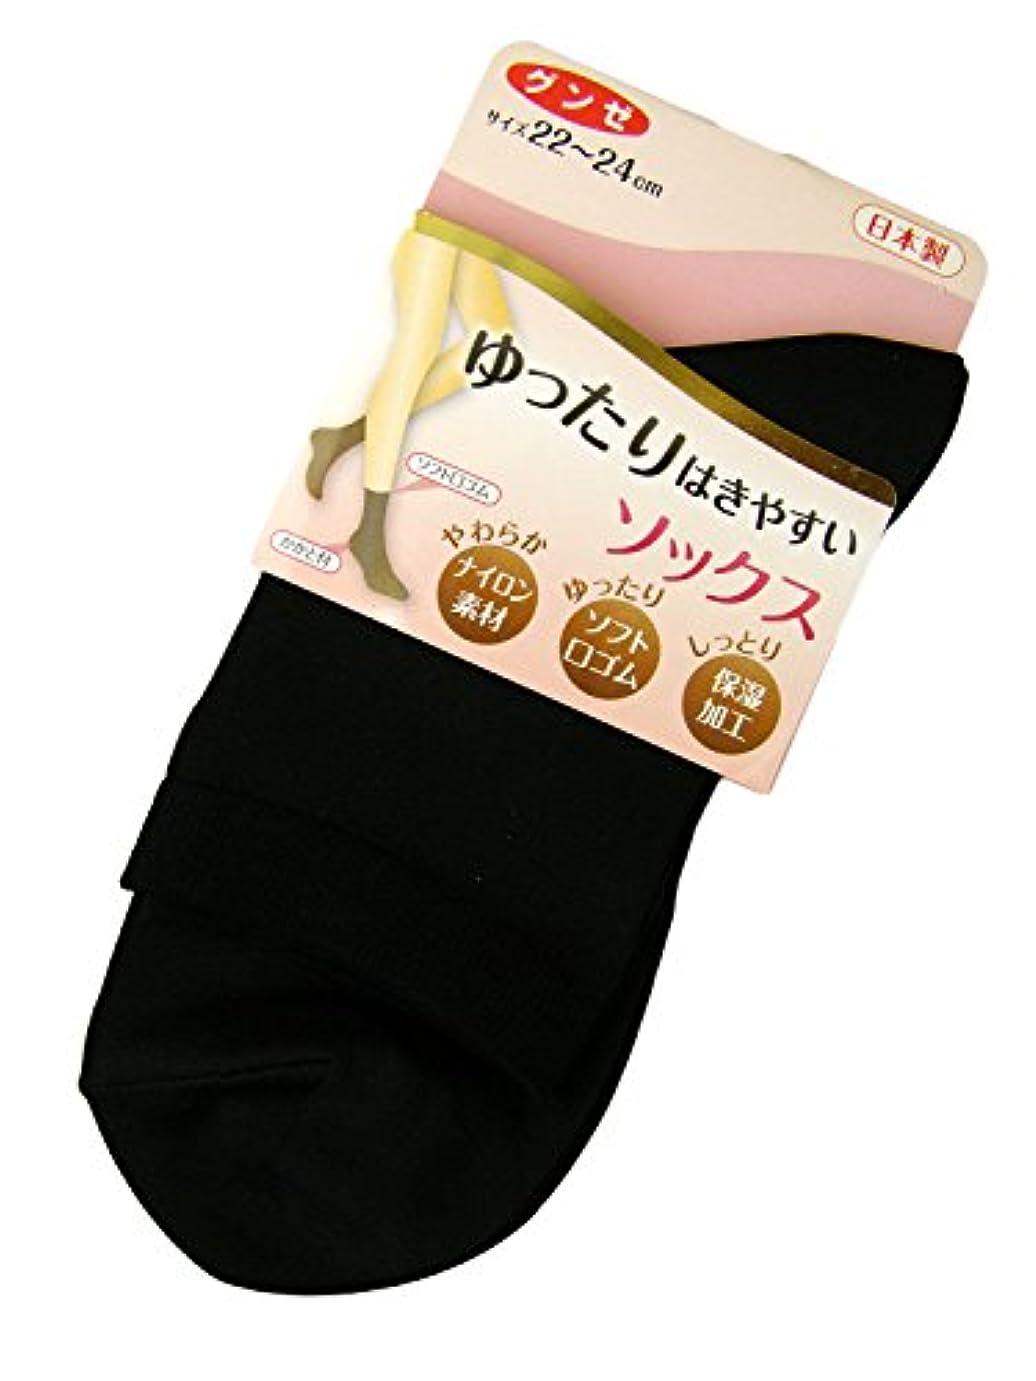 構造優れました尽きるAR0212 ミセススニーカーソックス(婦人靴下) ゆったりはきやすい 22-24cm ブラック